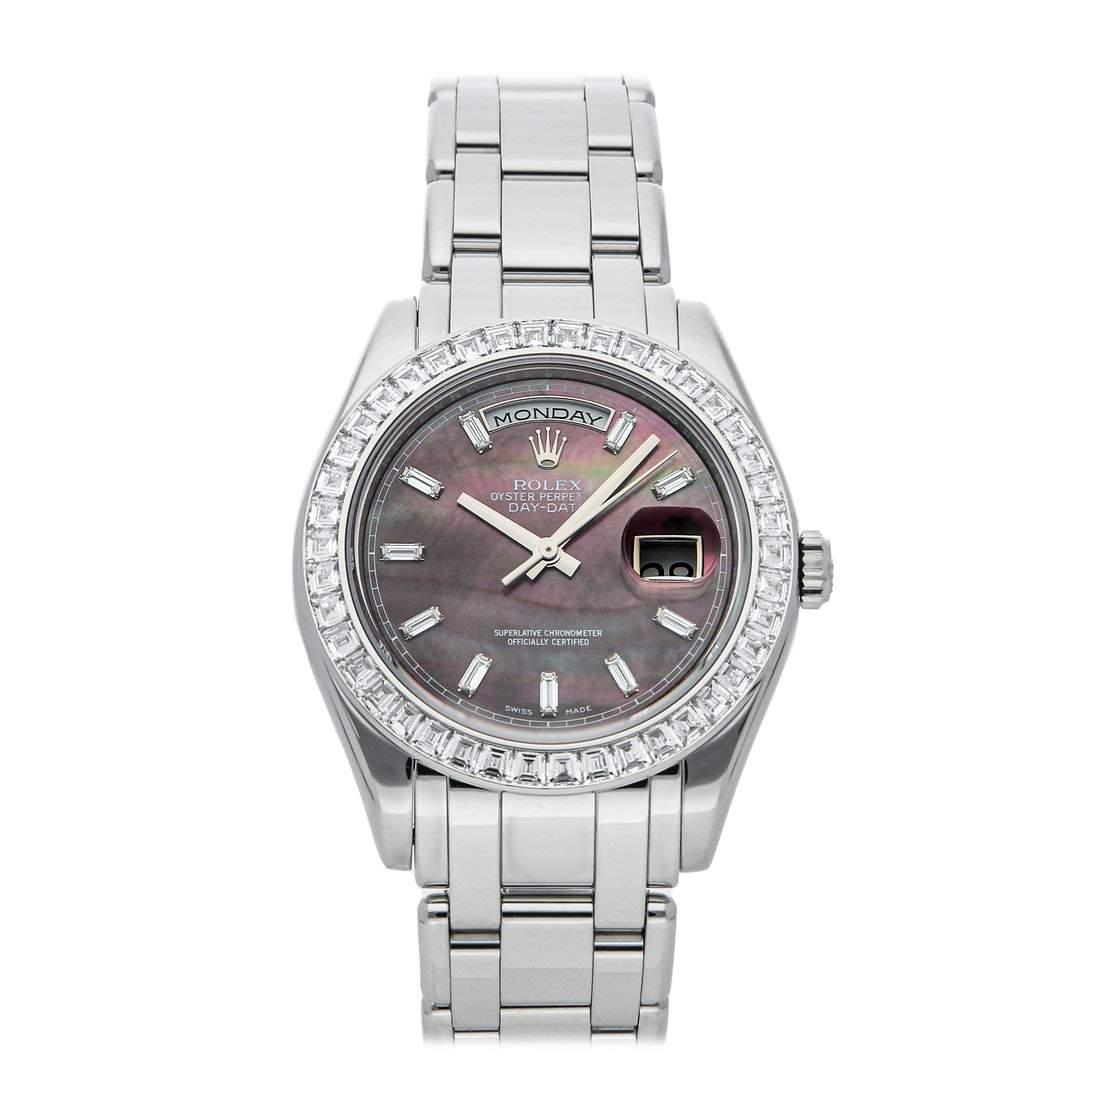 ساعة يد رجالية رولكس داى - ديت 18956BR بلابتنيوم ألماس أم أوه بى أسود 39 مم